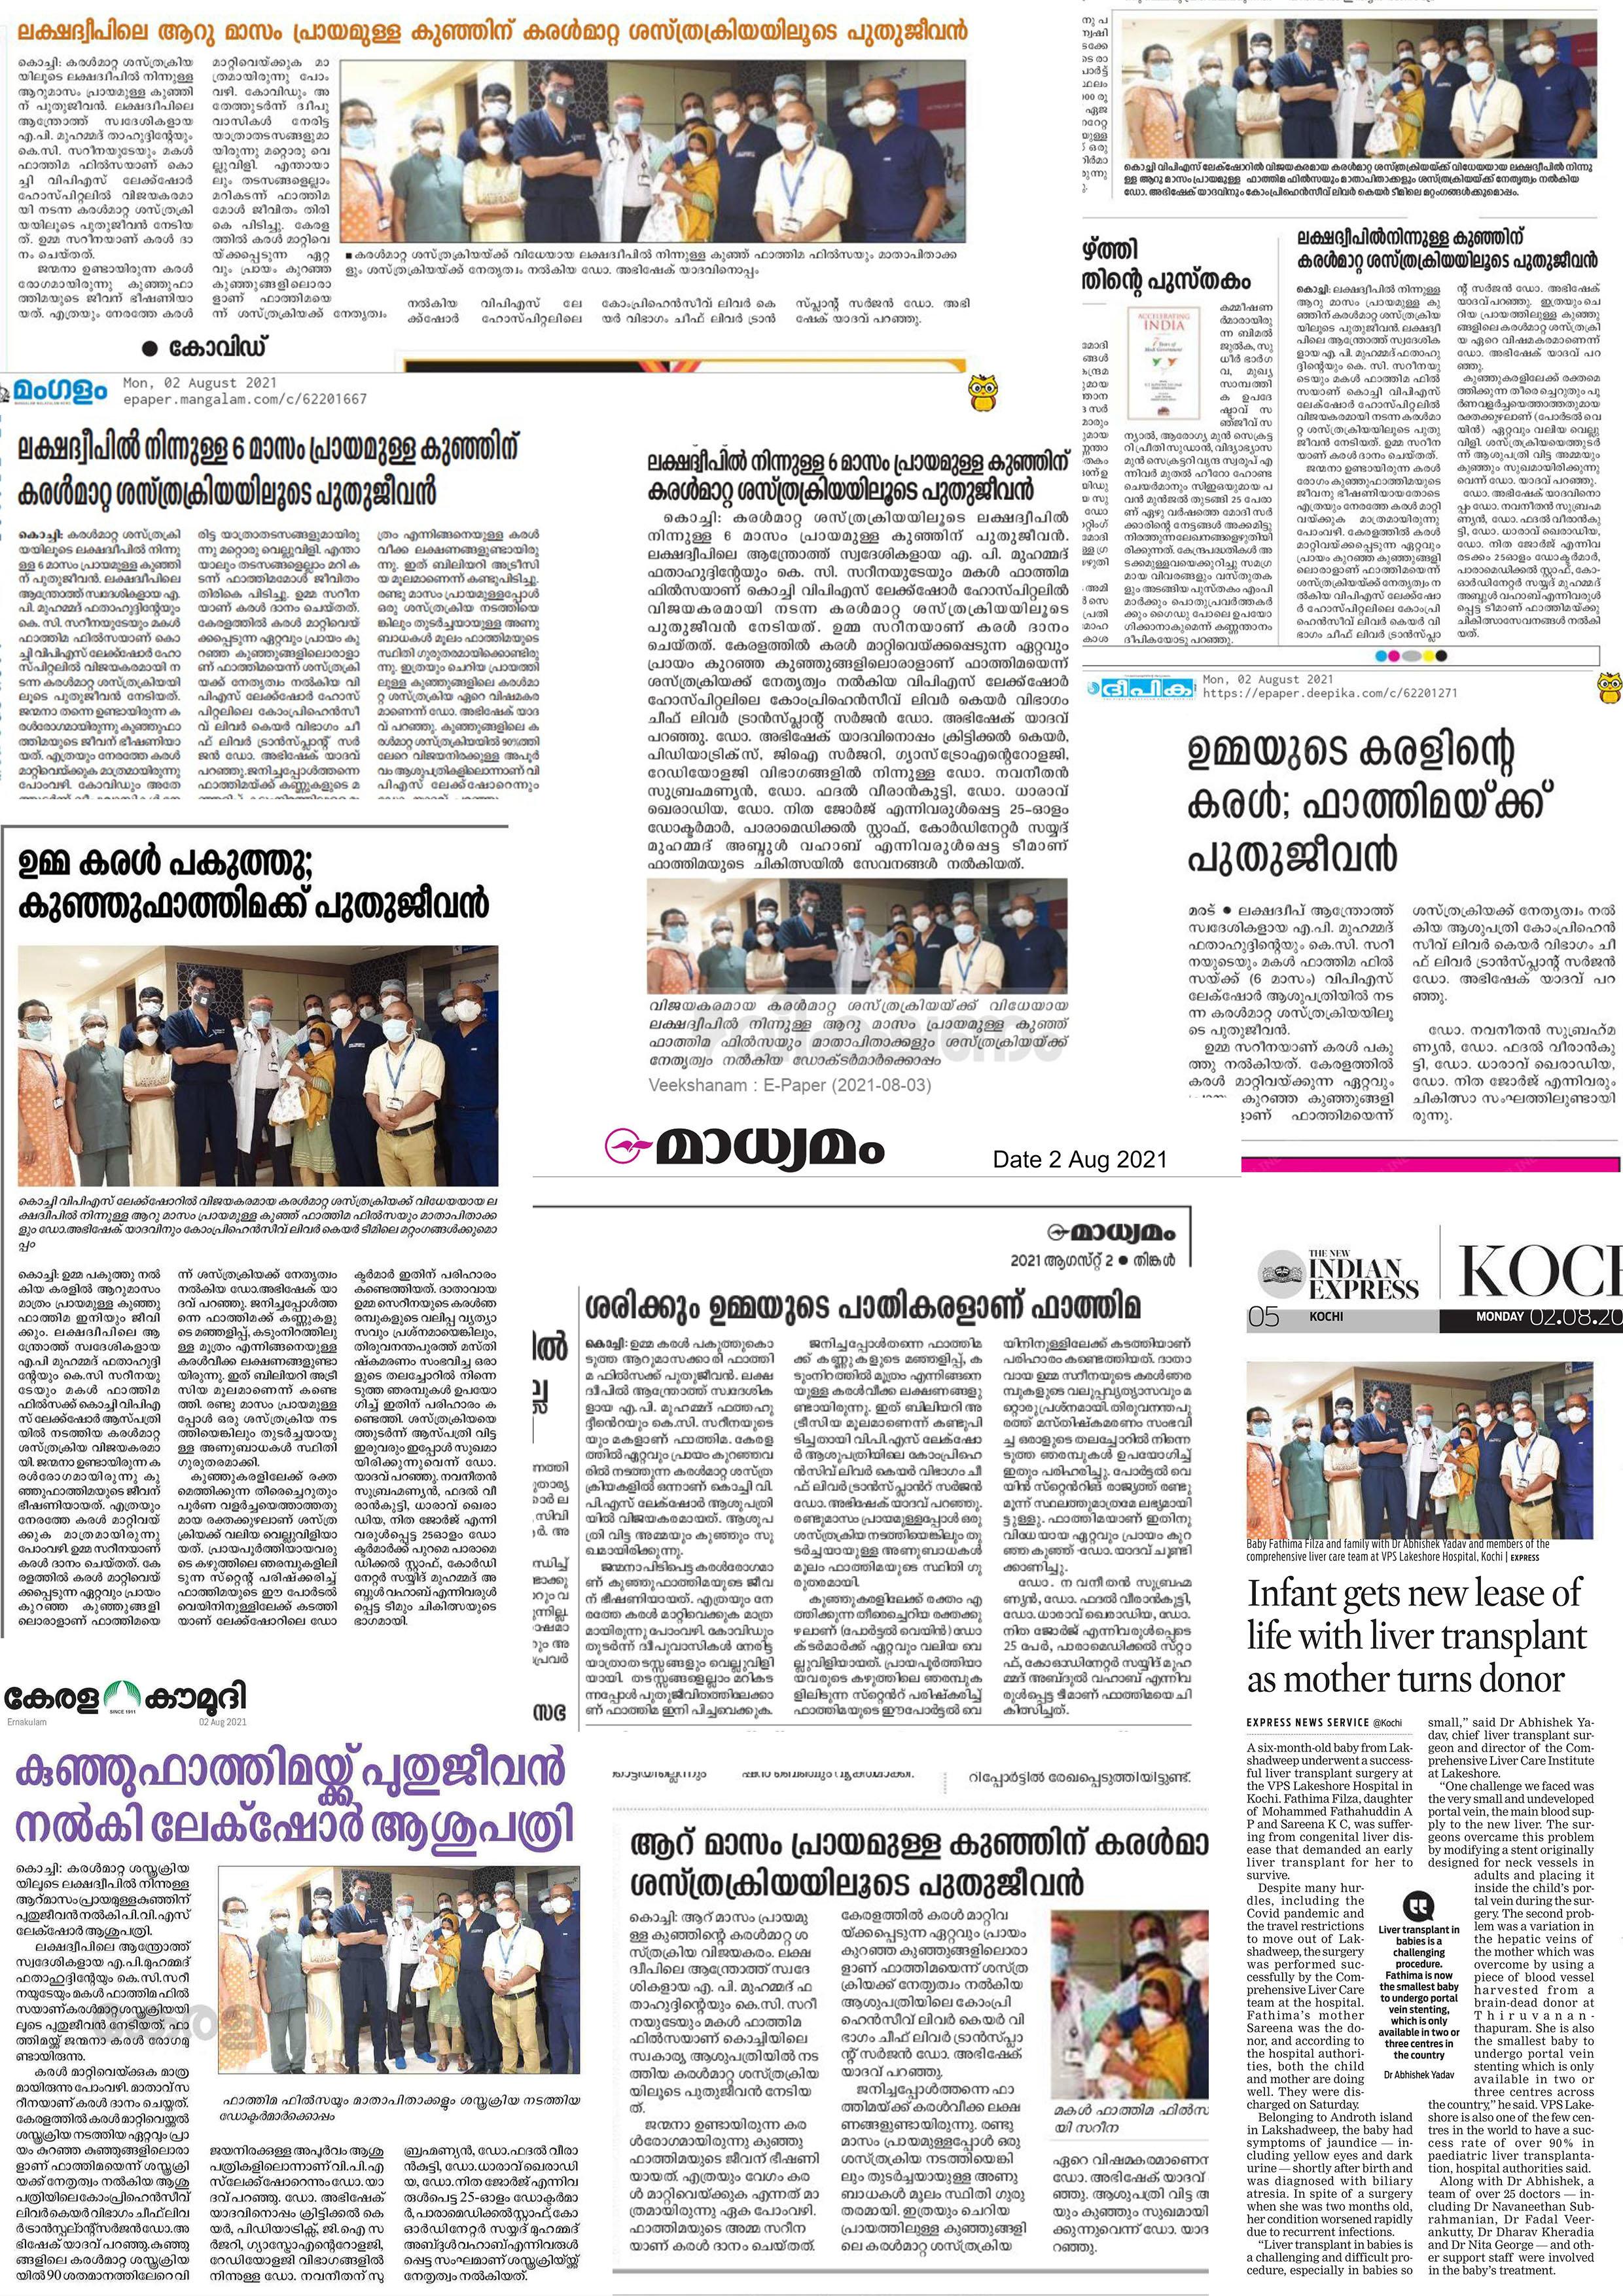 uploads/news/news-IucIxUwfYANAYN1.jpg